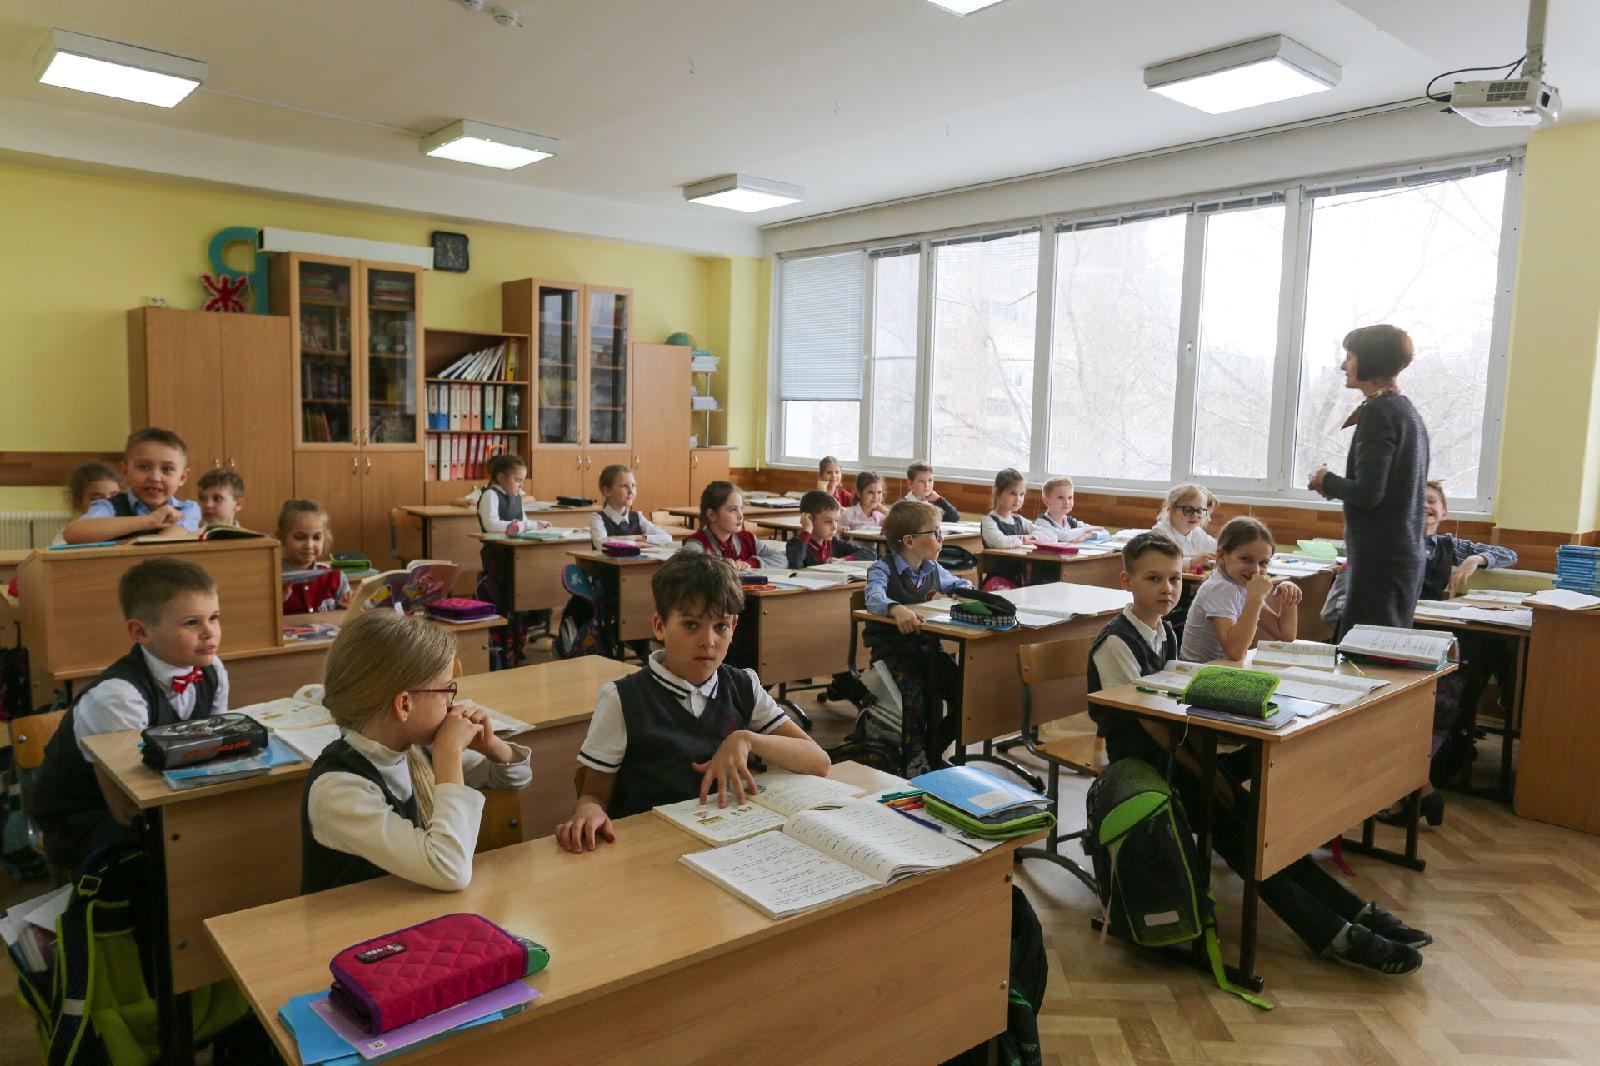 фото Новые штрафы, налоговый вычет и льготы при поступлении: что изменится в жизни россиян в мае 2021 года 2